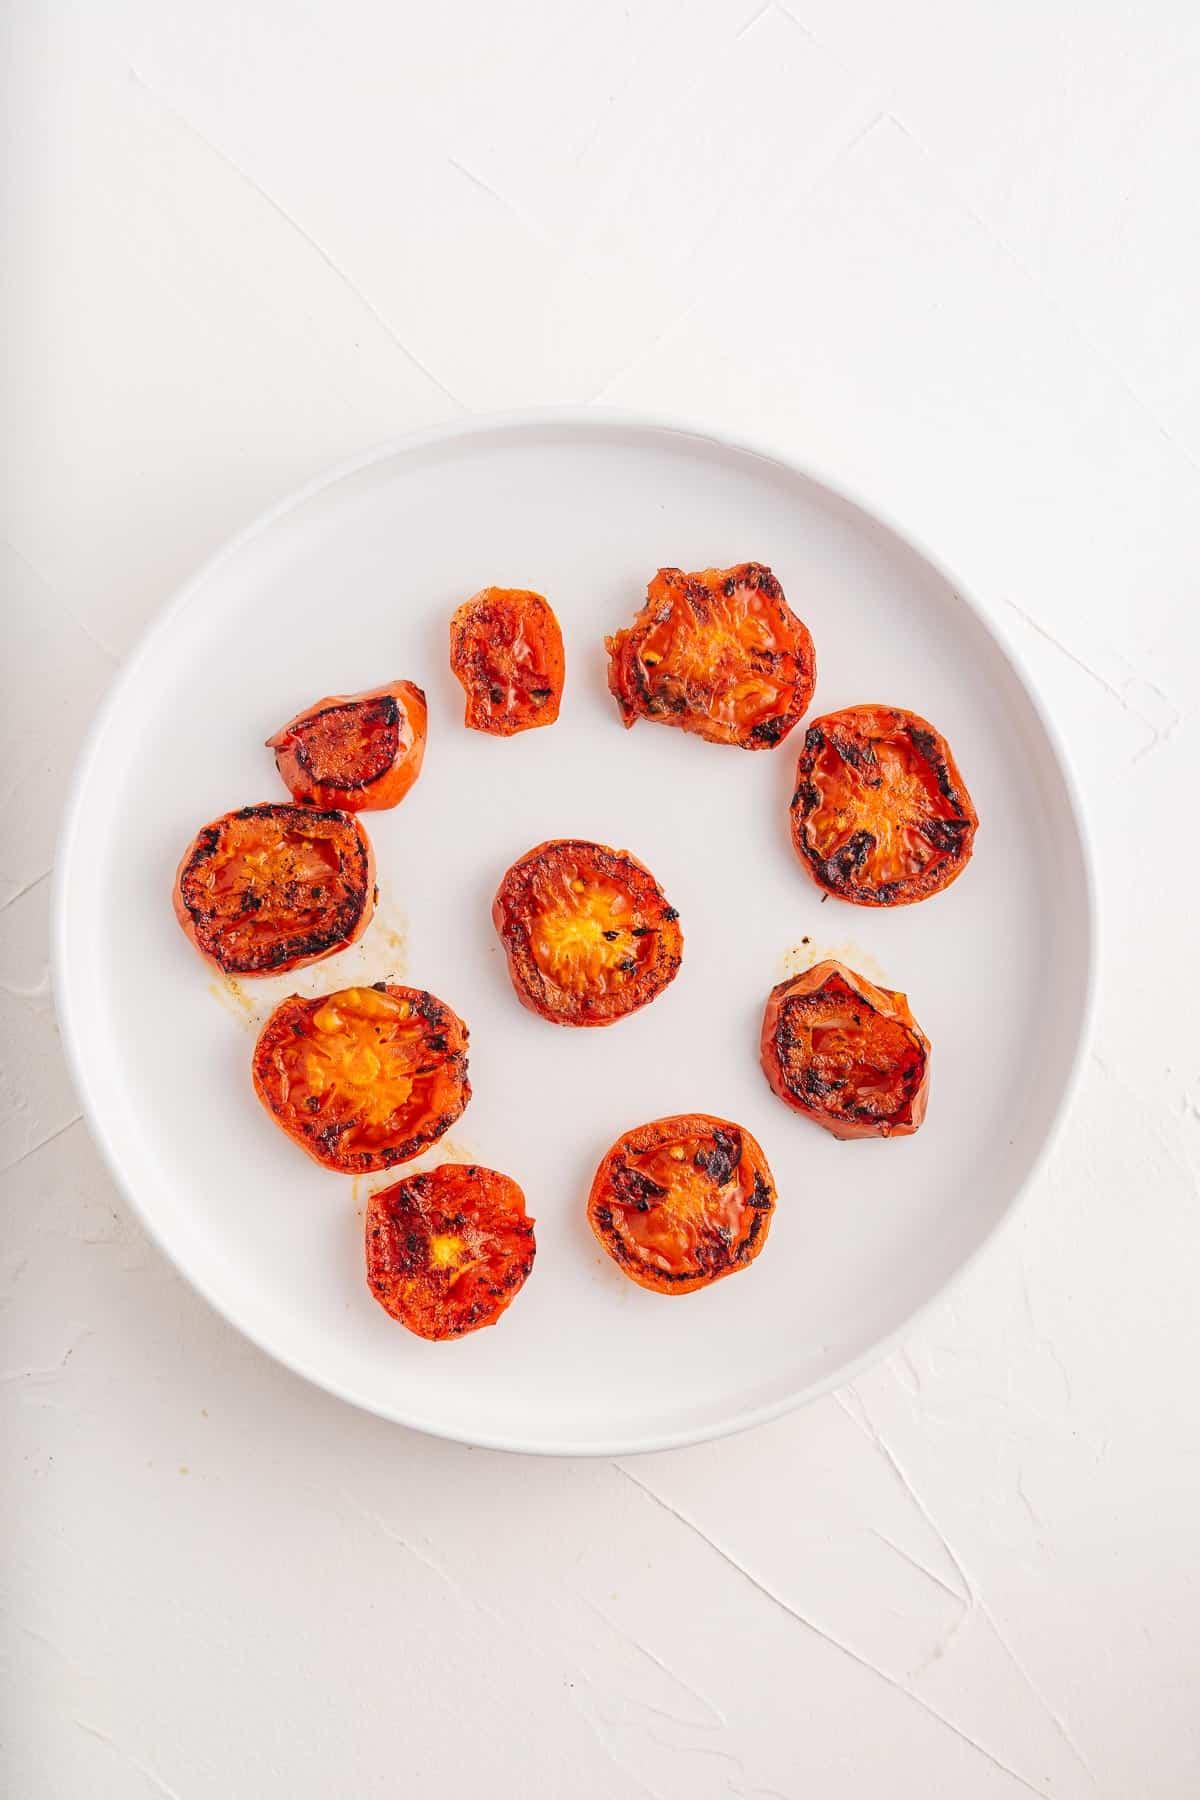 Fried Tomatoe Slices